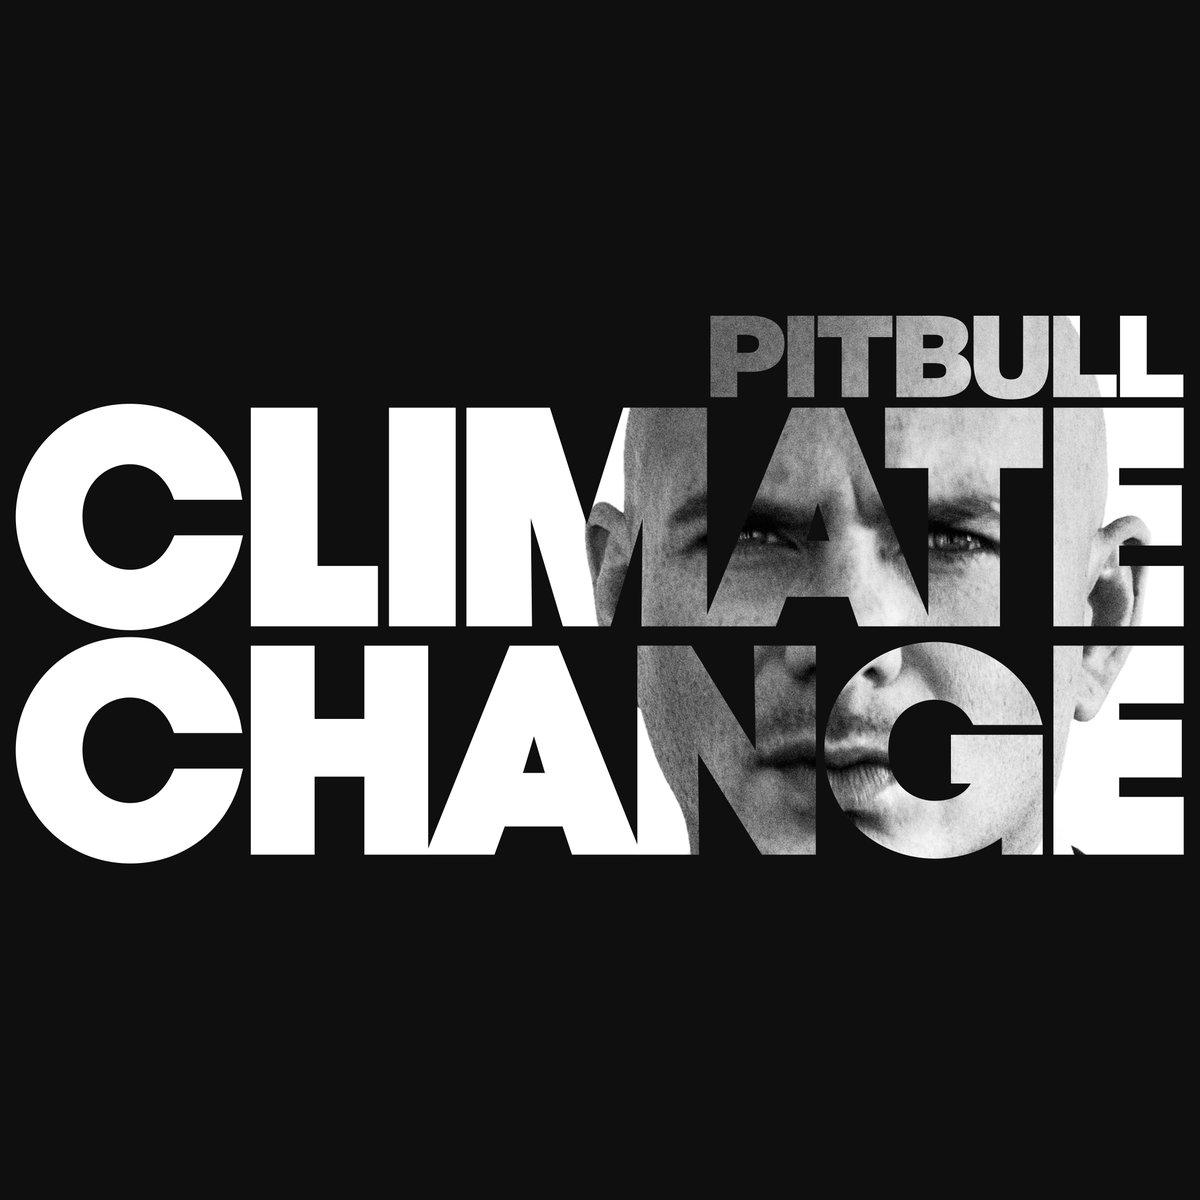 Ecoutez #Options, le nouveau single de @pitbull, disponible sur son album #ClimateChange à venir !   http:// smarturl.it/Pitbull_Option s_ST &nbsp; … <br>http://pic.twitter.com/KqH1aU0Mfr